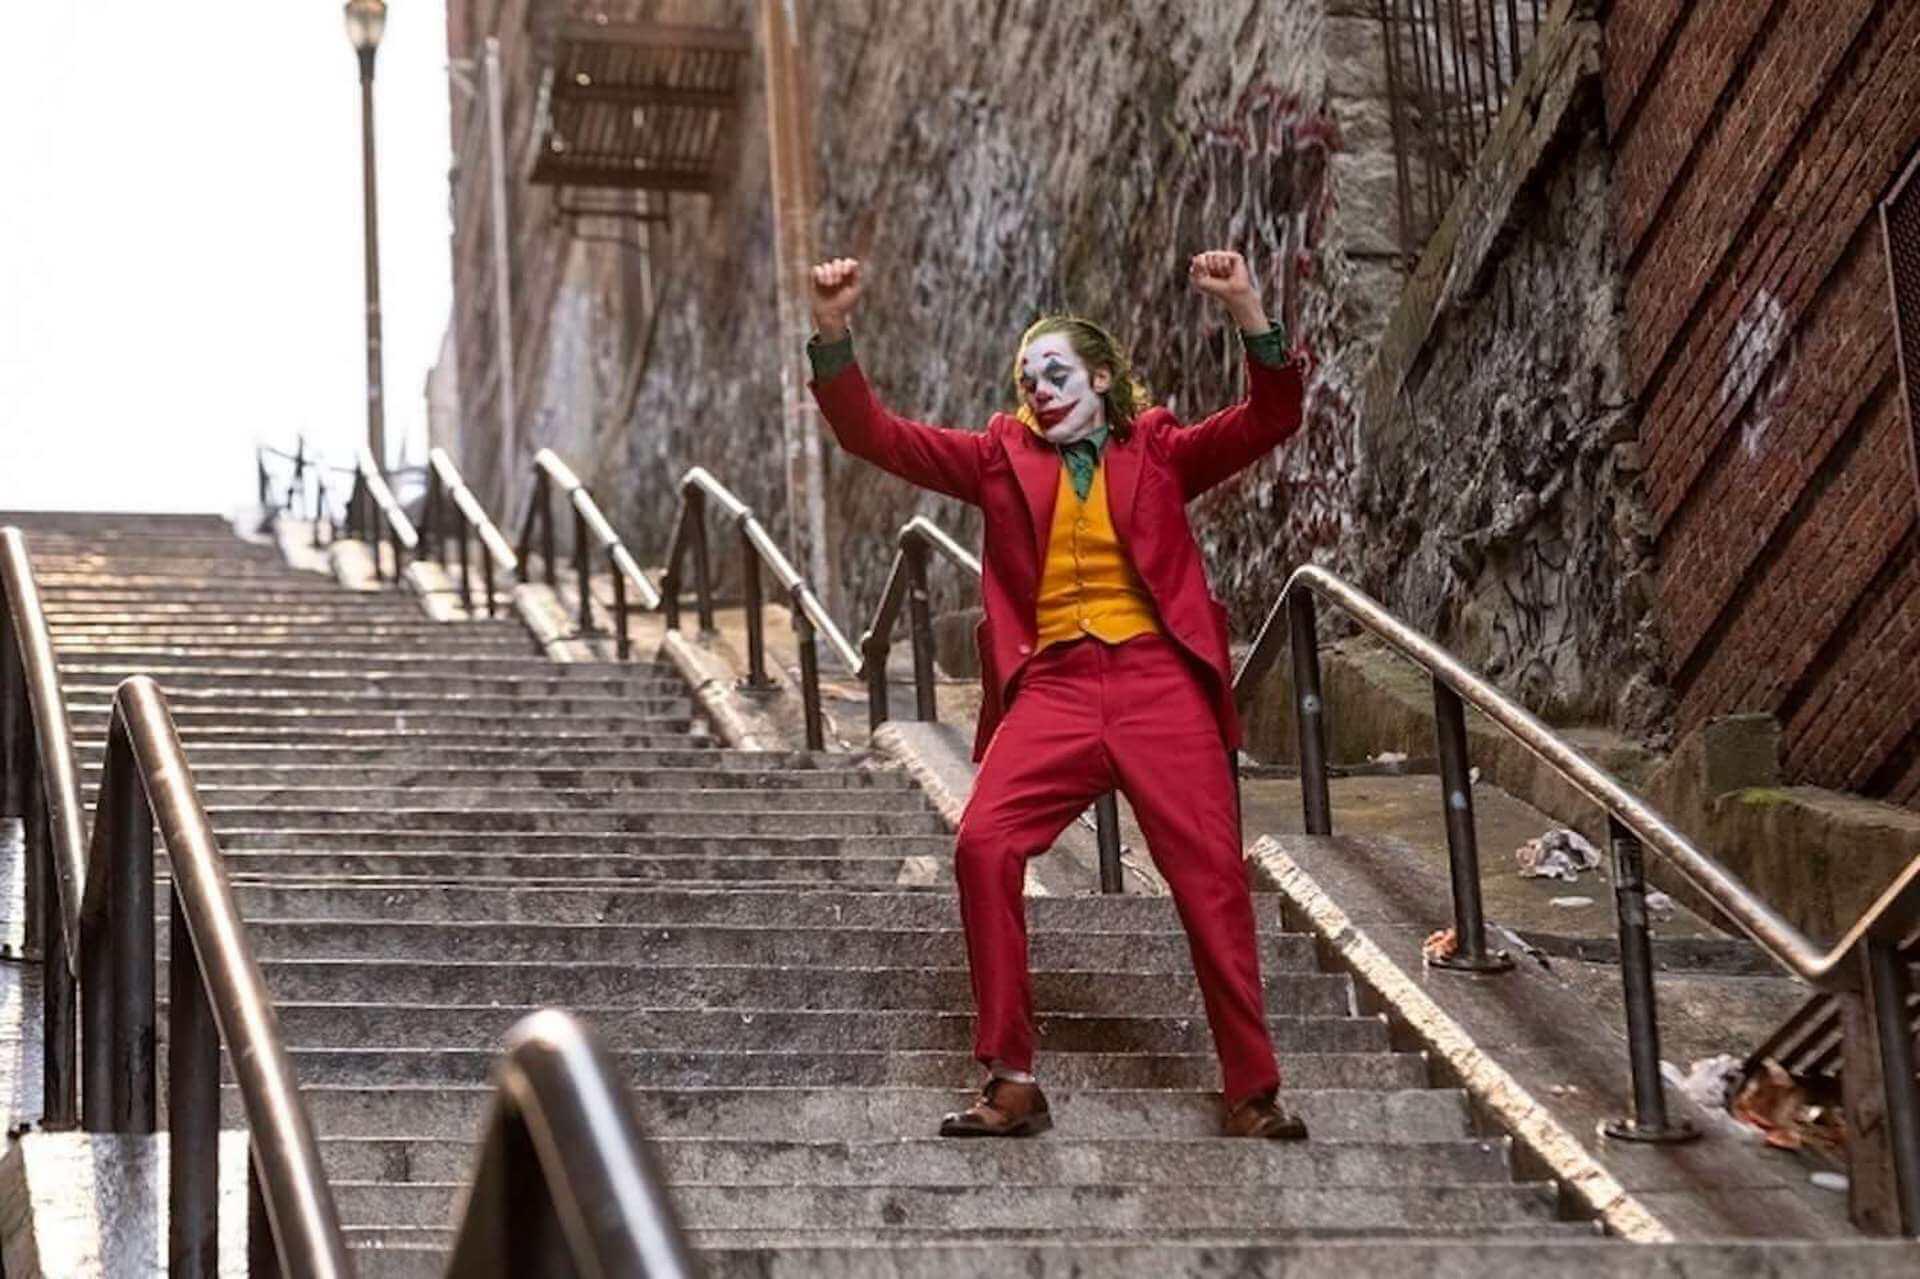 『ジョーカー』まさか!4週連続No.1で17年ぶりの快挙達成&世界興収900億円越え film191028_joker_4